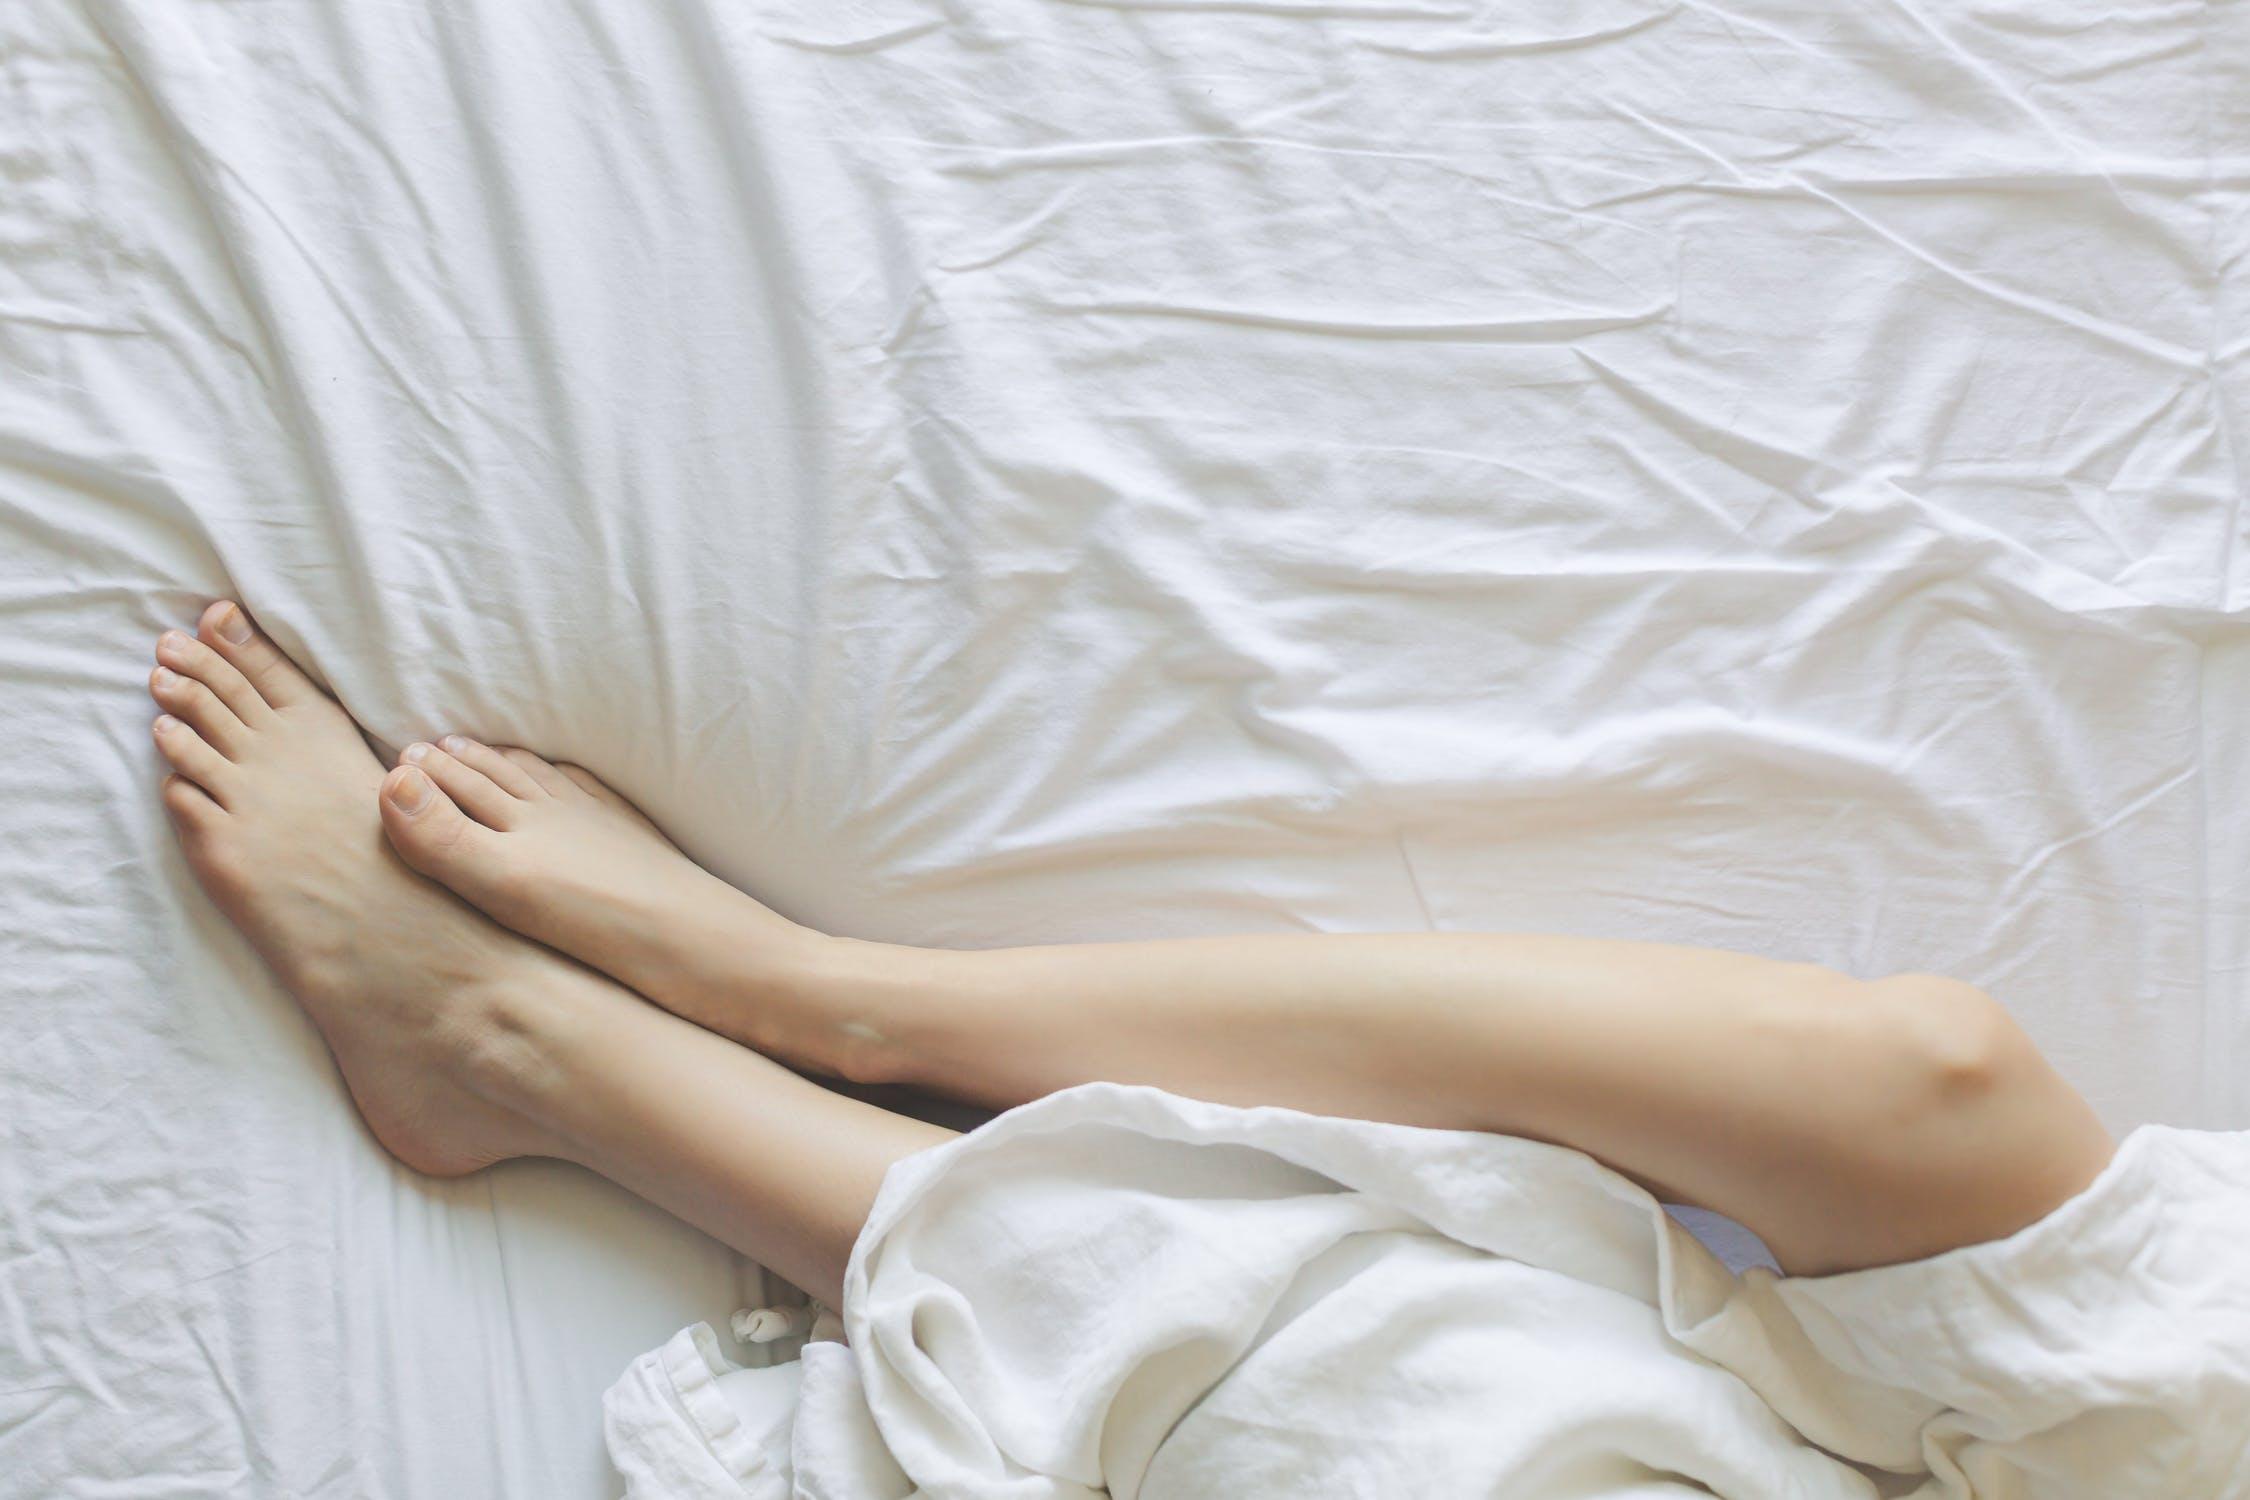 Le fantasie sessuali dei vip [FOTO]